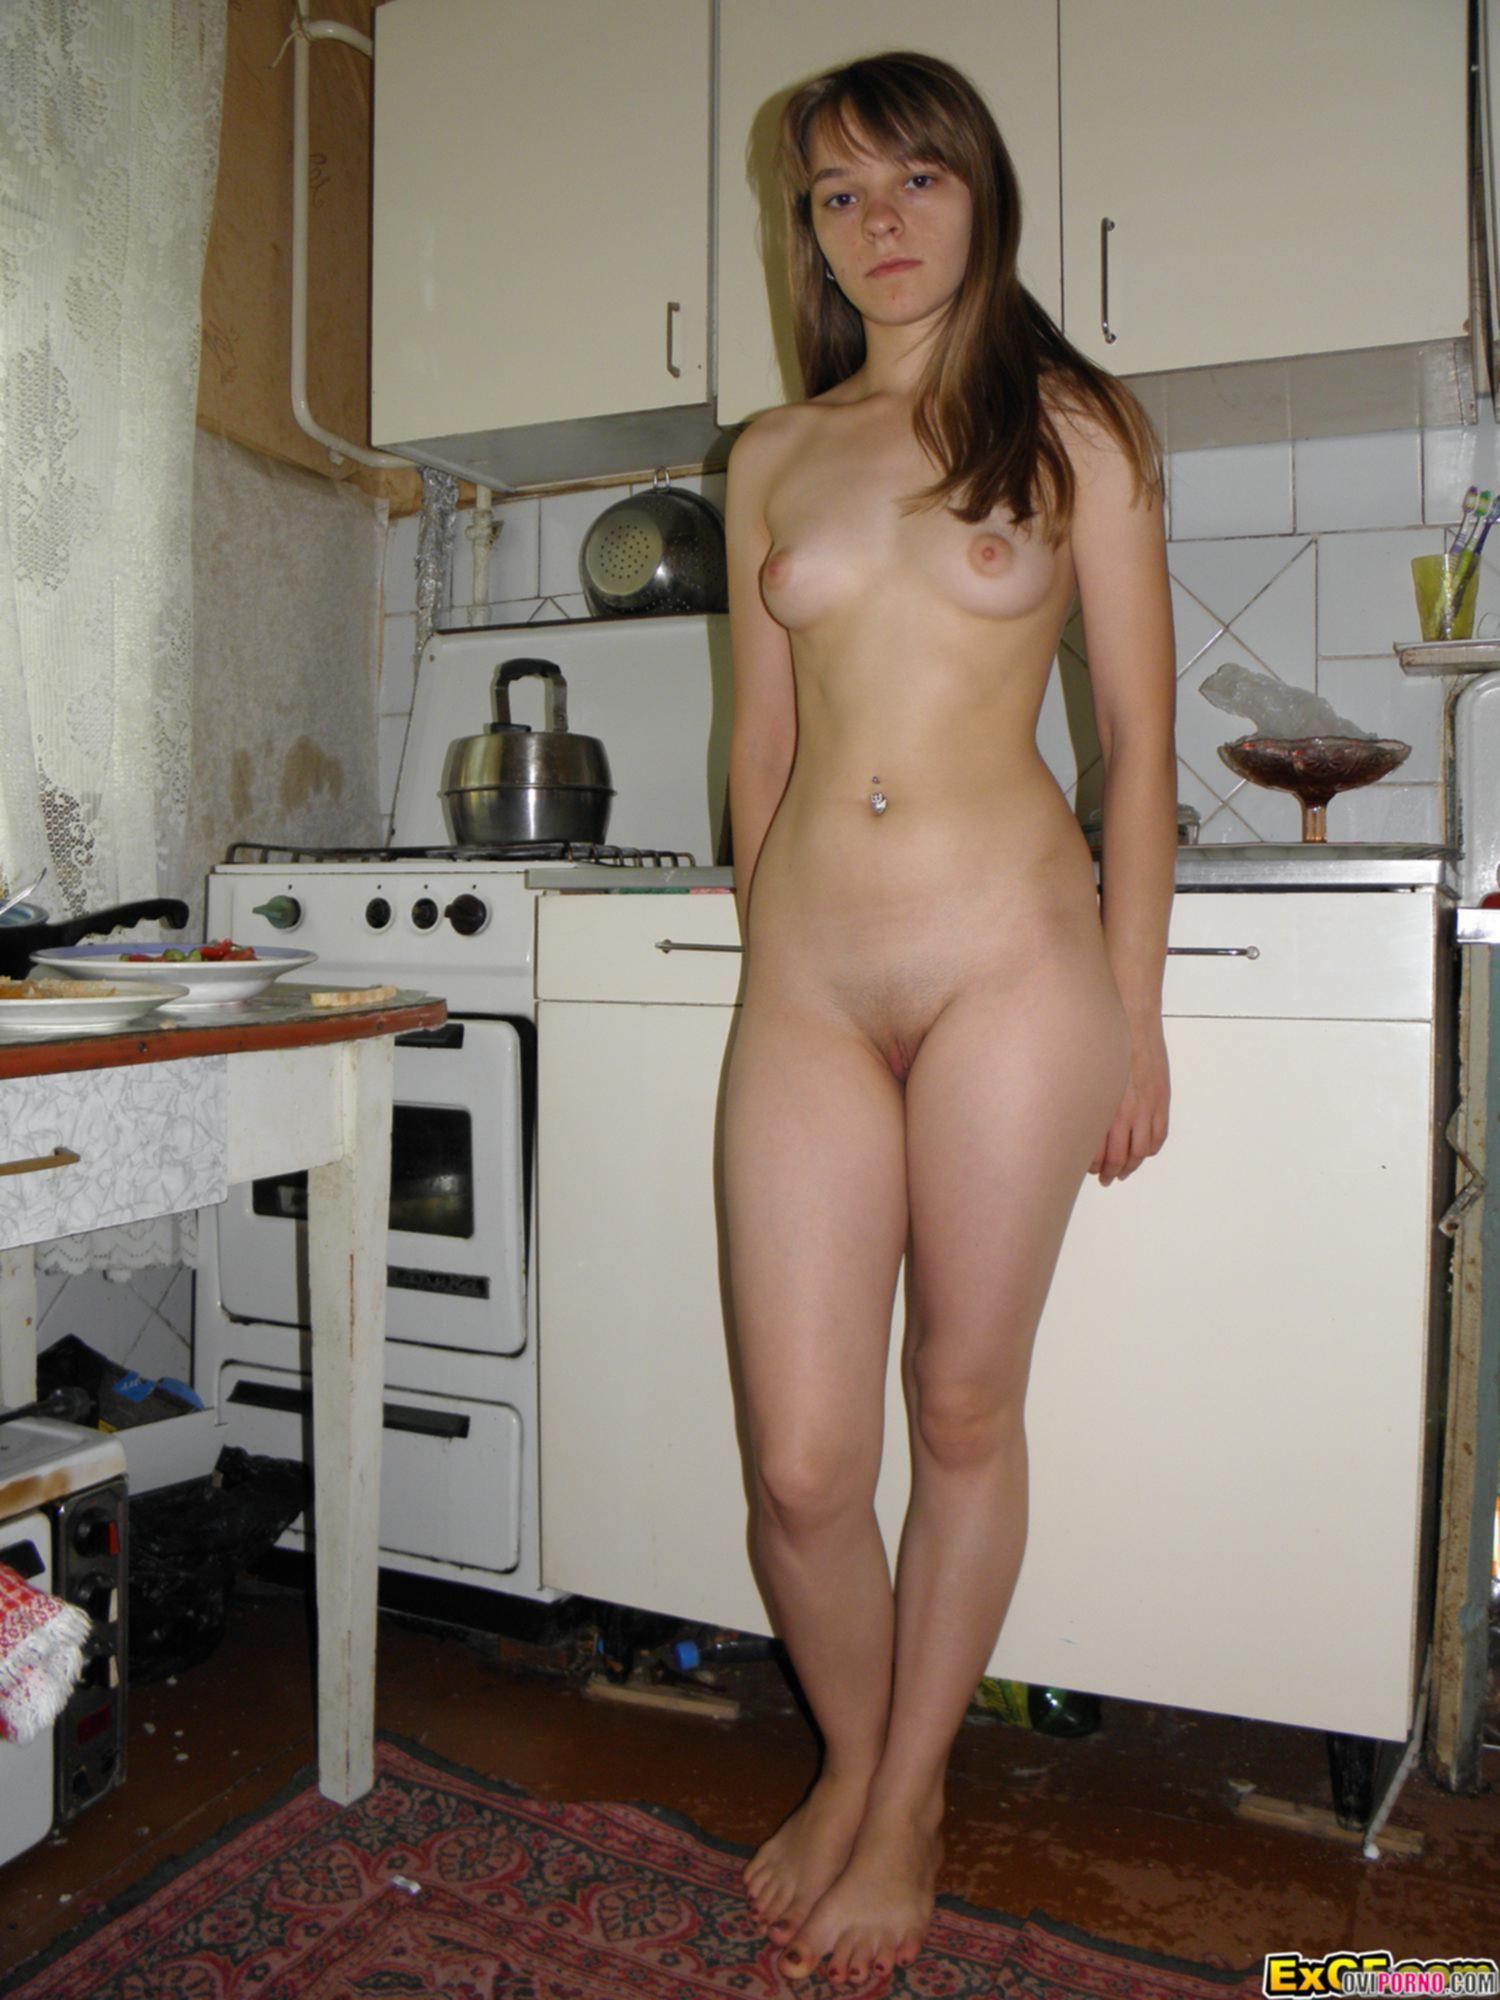 Девушка засунула сосиску во влагалище